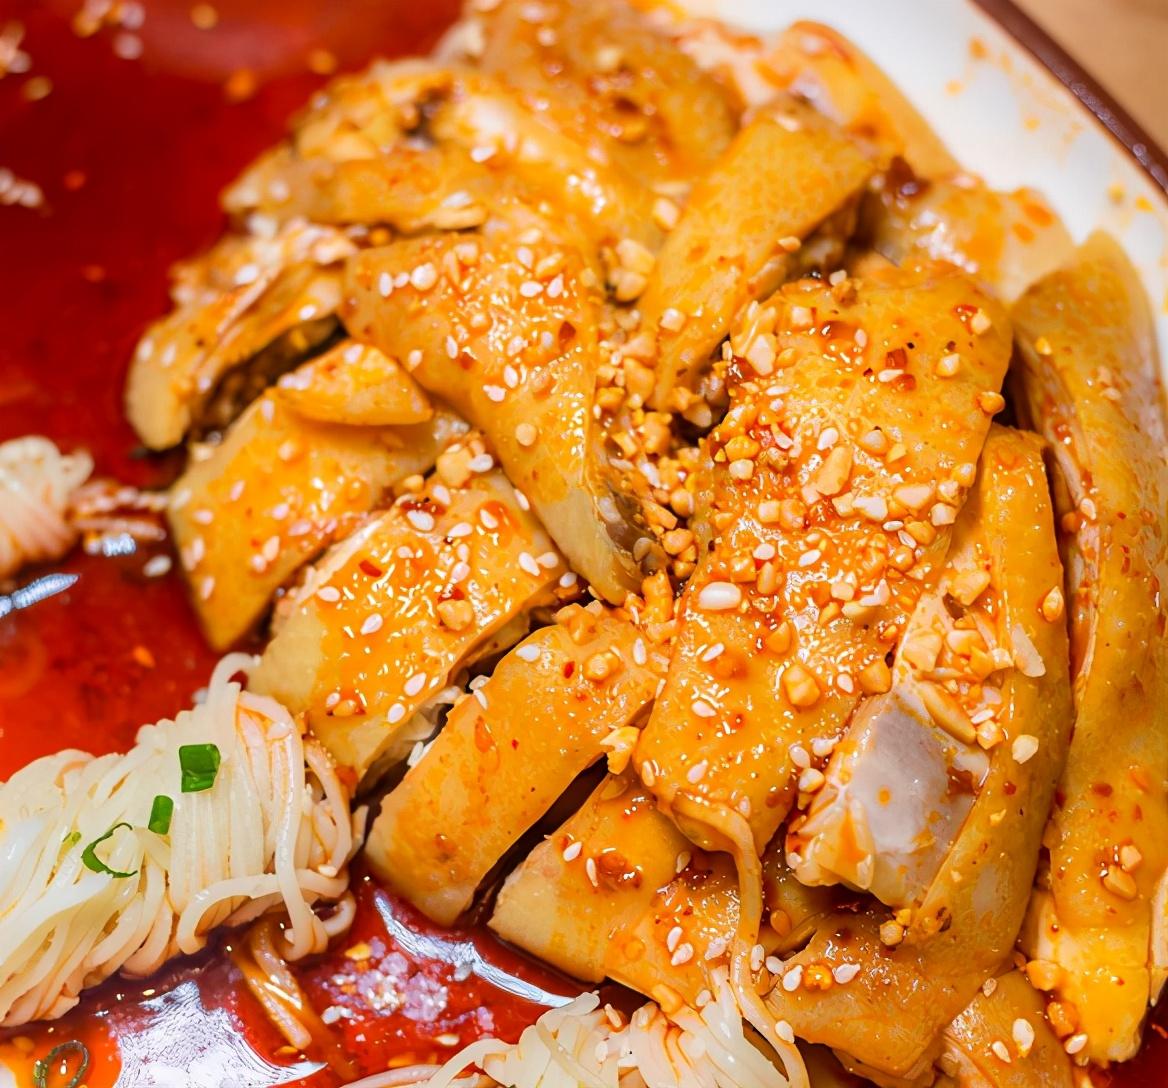 极具特色的四道川菜,下饭且价格不高,一般人去川菜馆必点